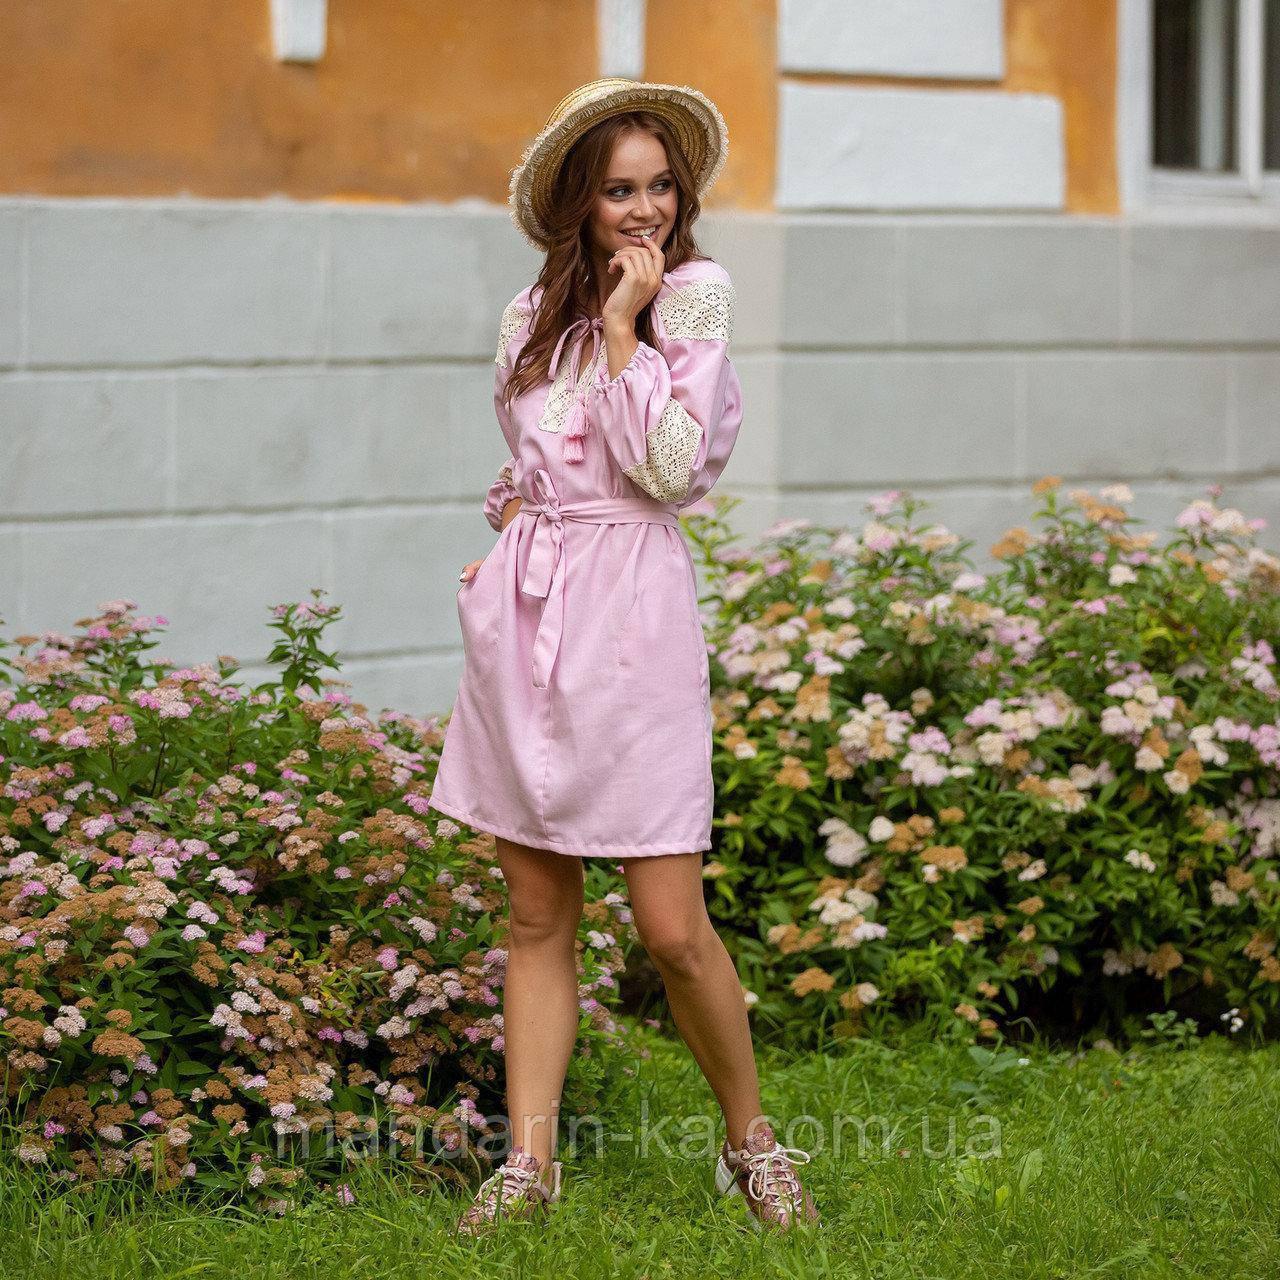 Платье женское  стильное  льняное с кружевом  пудра в этно-стиле